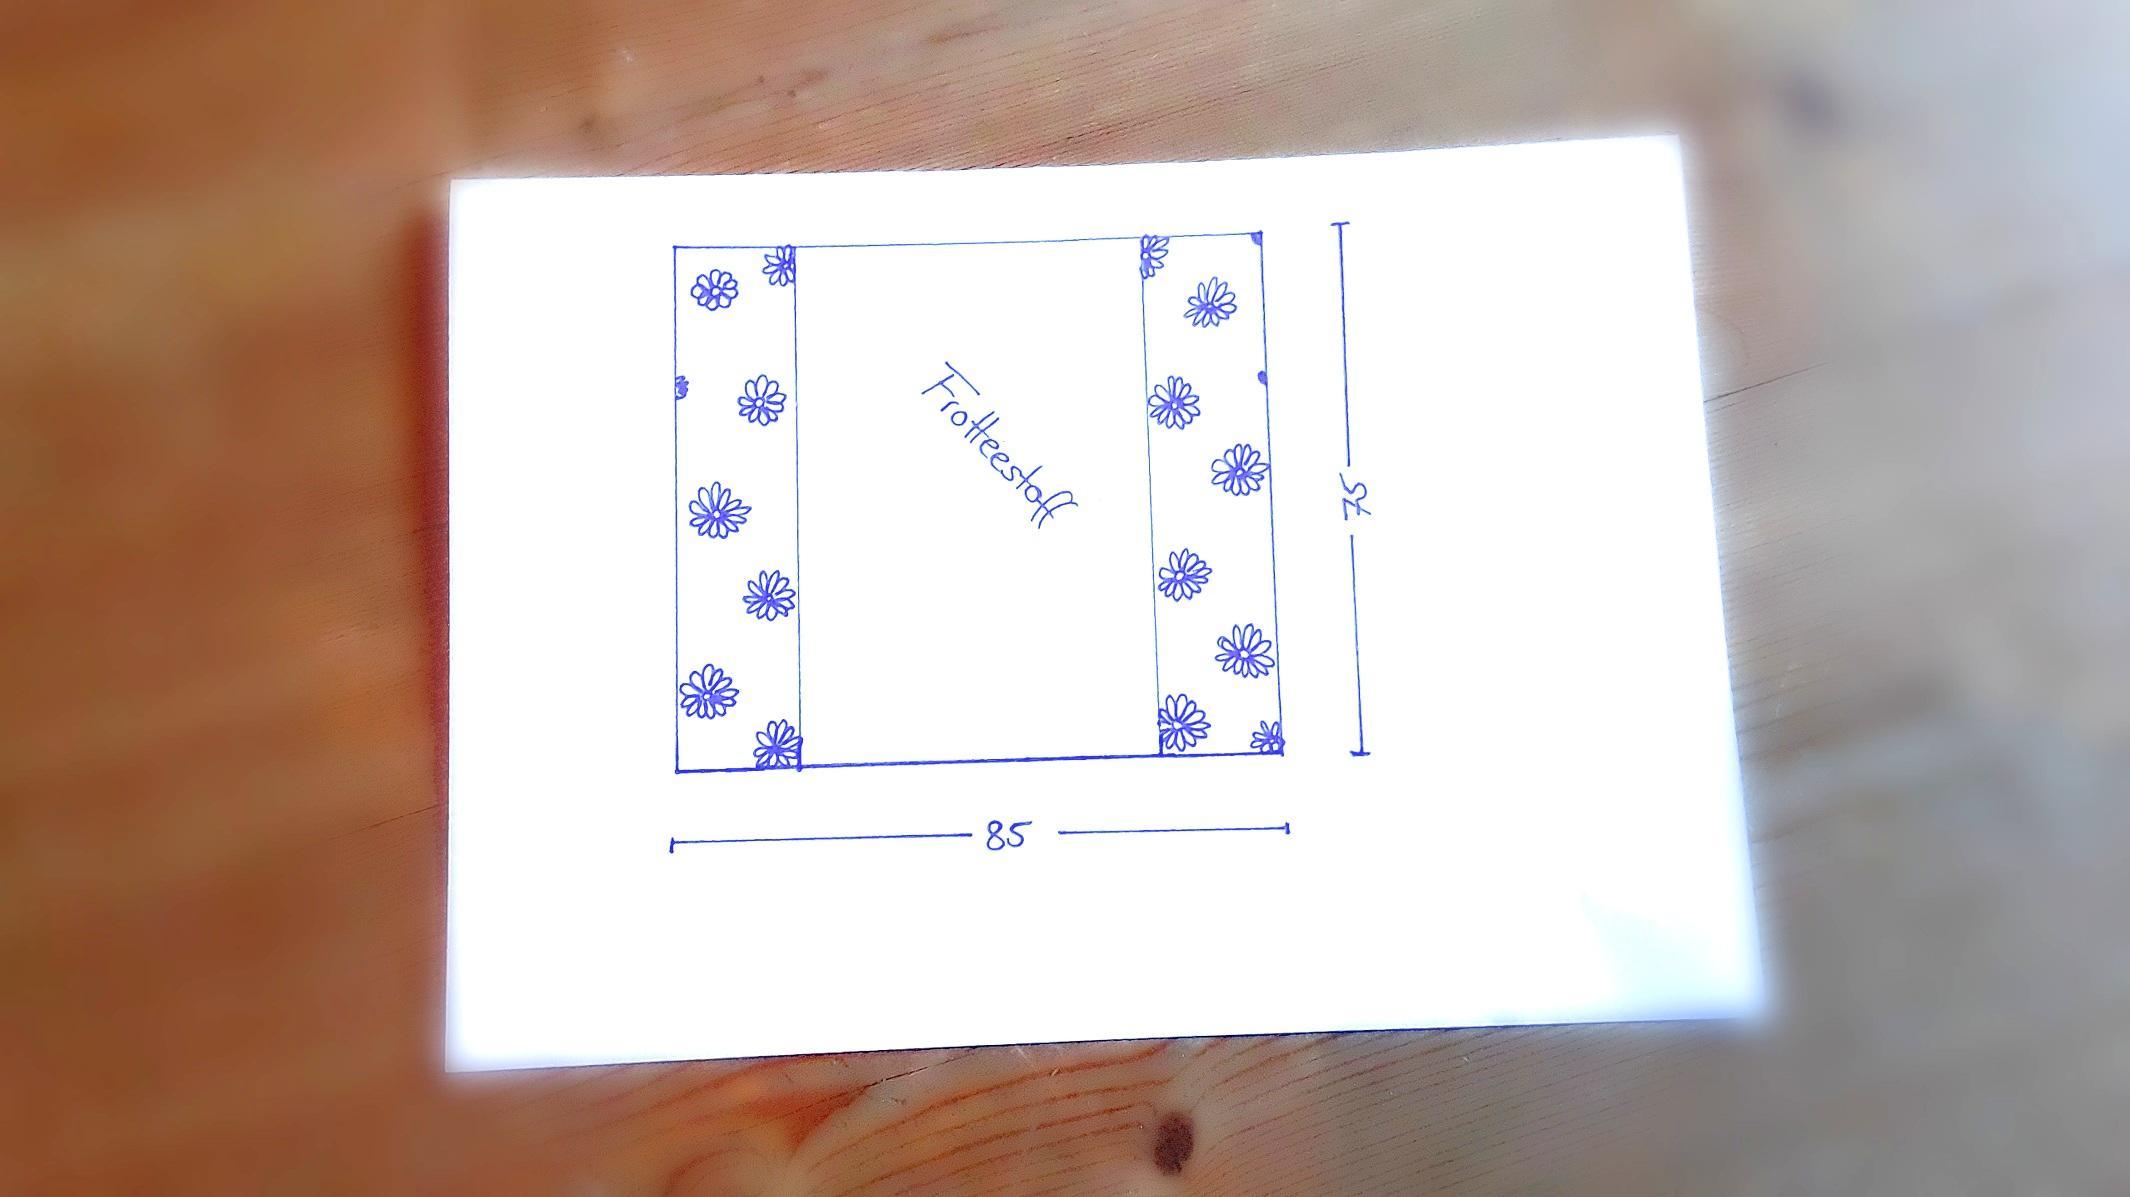 Wickelunterlage nähen - fertigen Sie zunächst eine Skizze an.